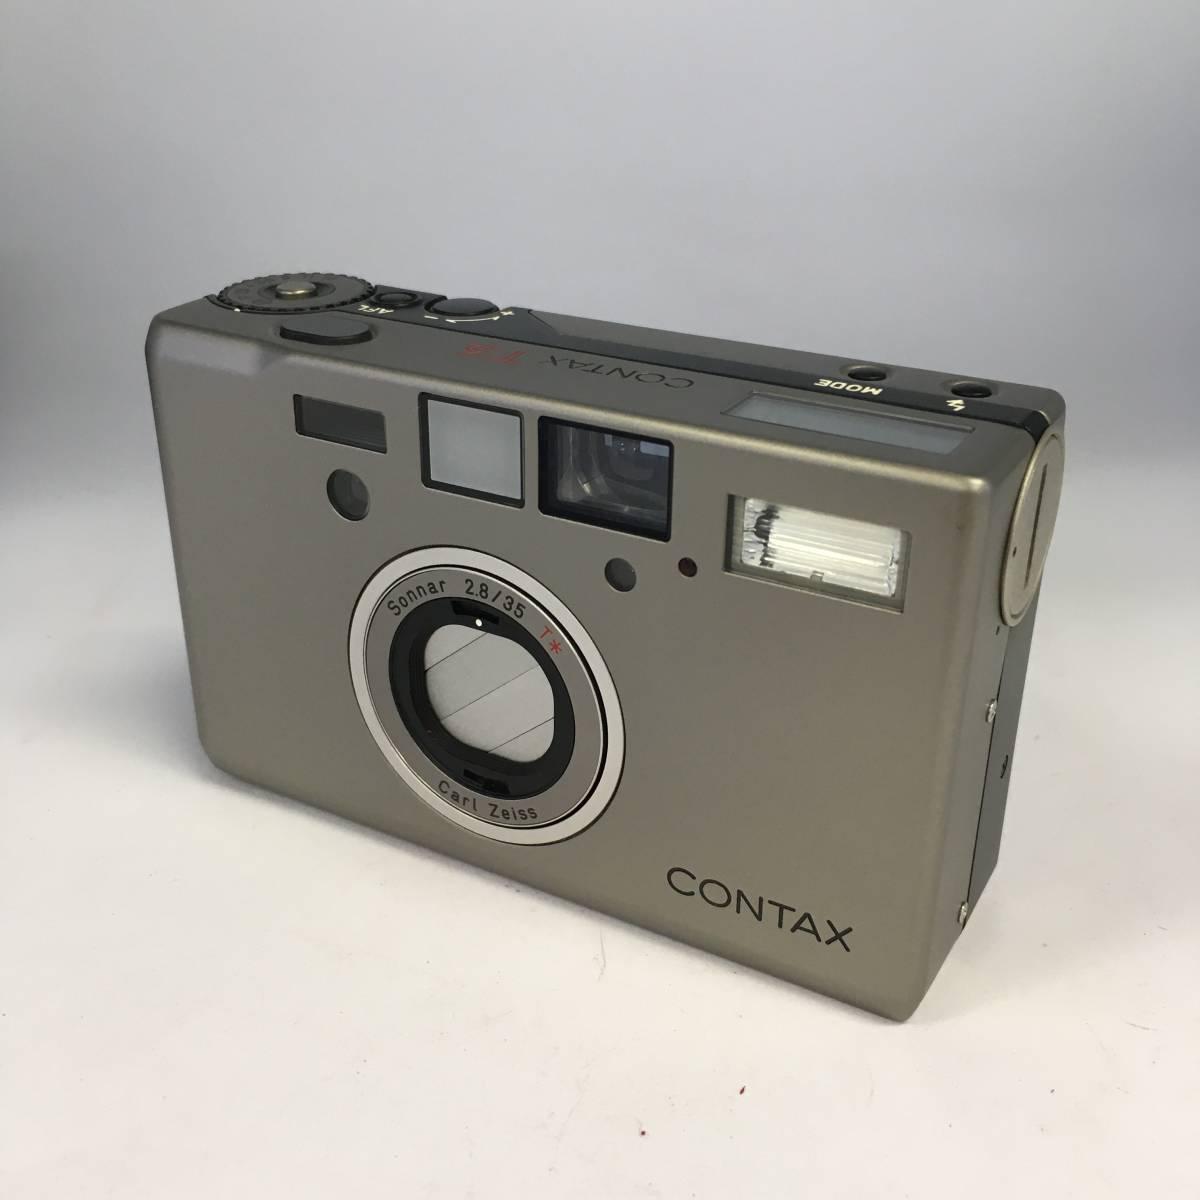 【978942】コンタックス CONTAX T3 Sonnar2.8/35 Carl Zeiss ケース付き 通電確認済 動作未確認